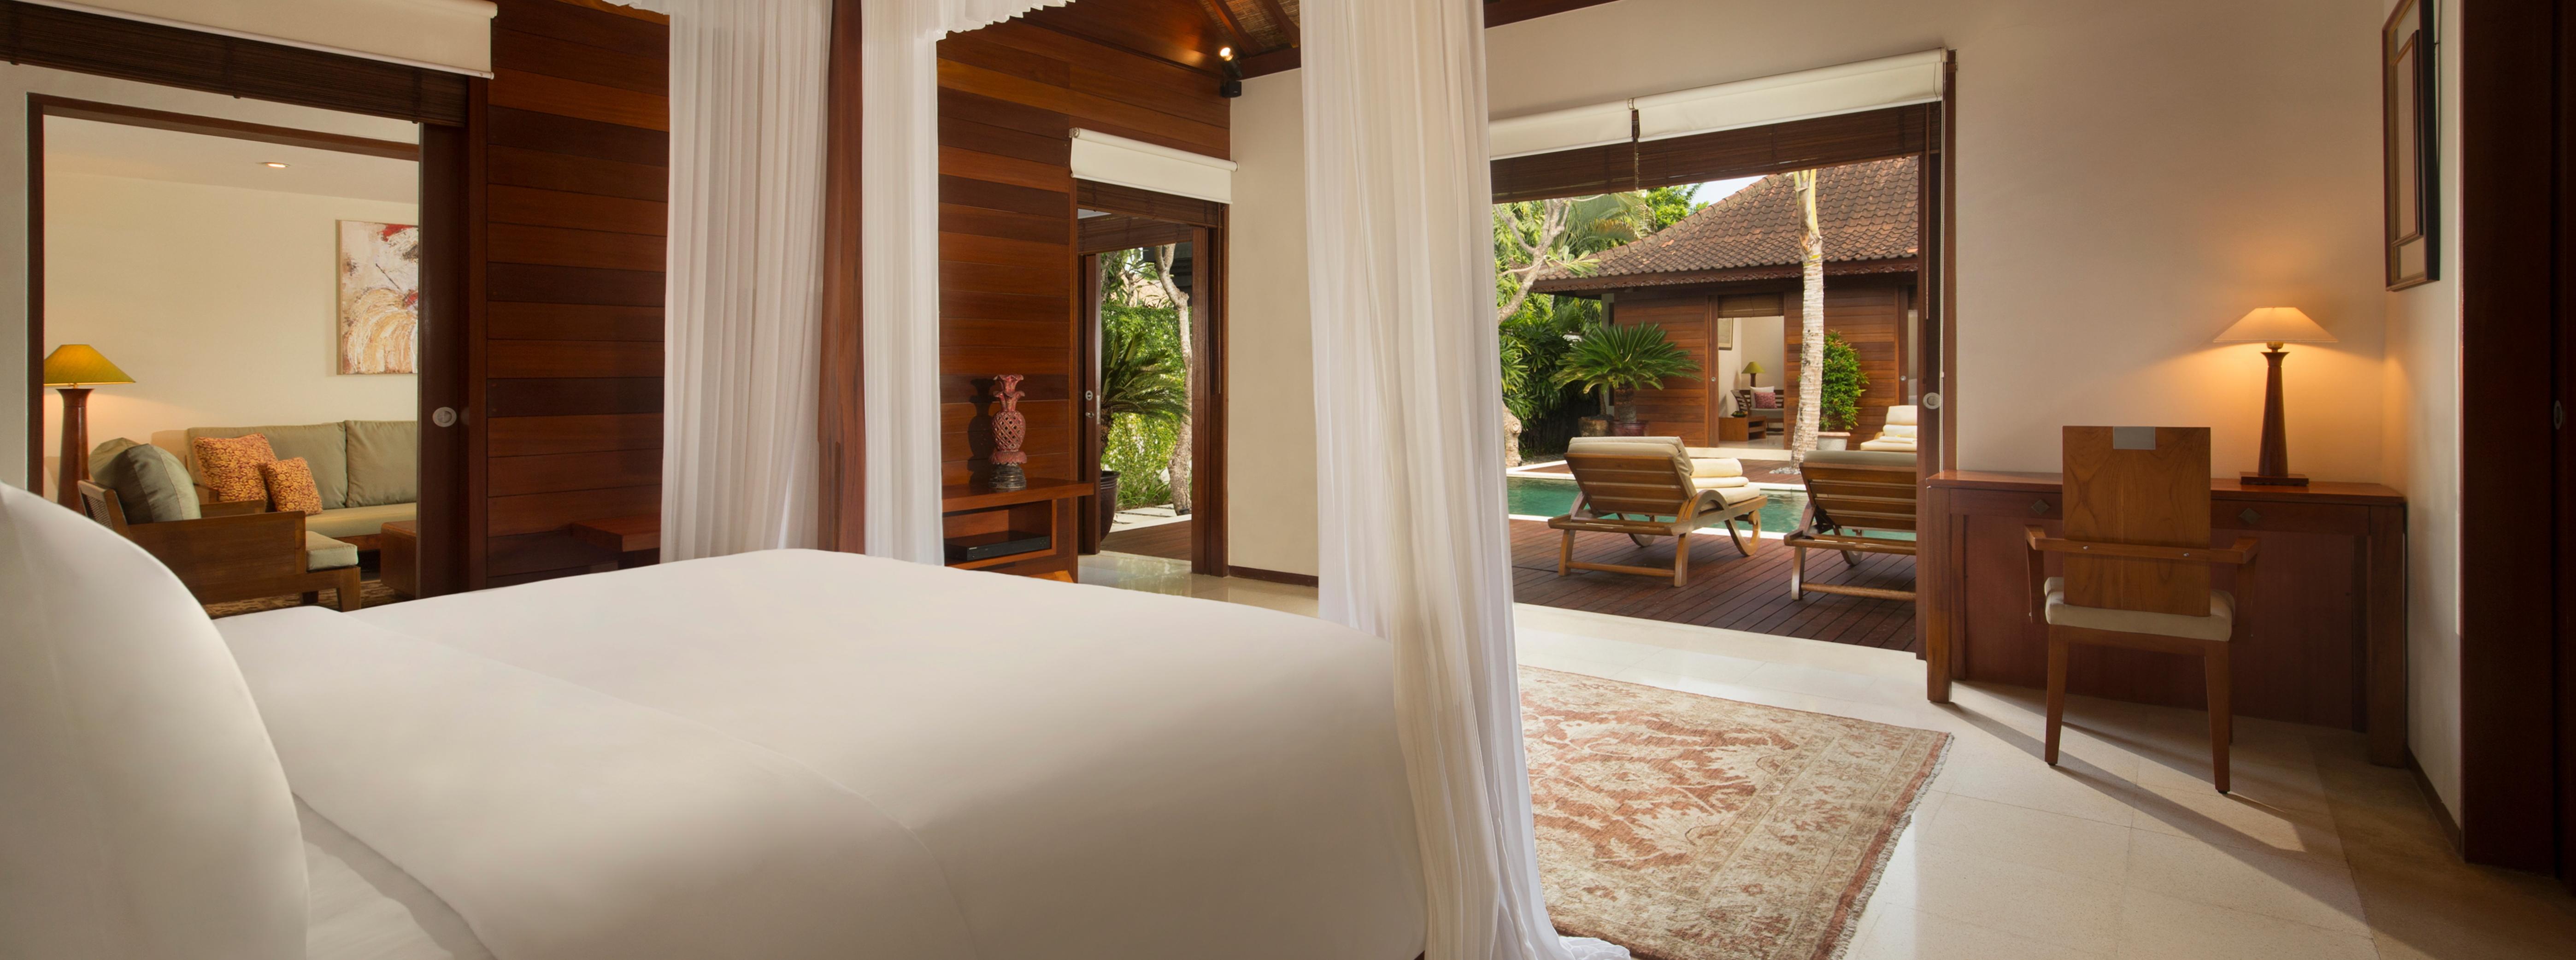 legian-joglo-villa-master-bedroom